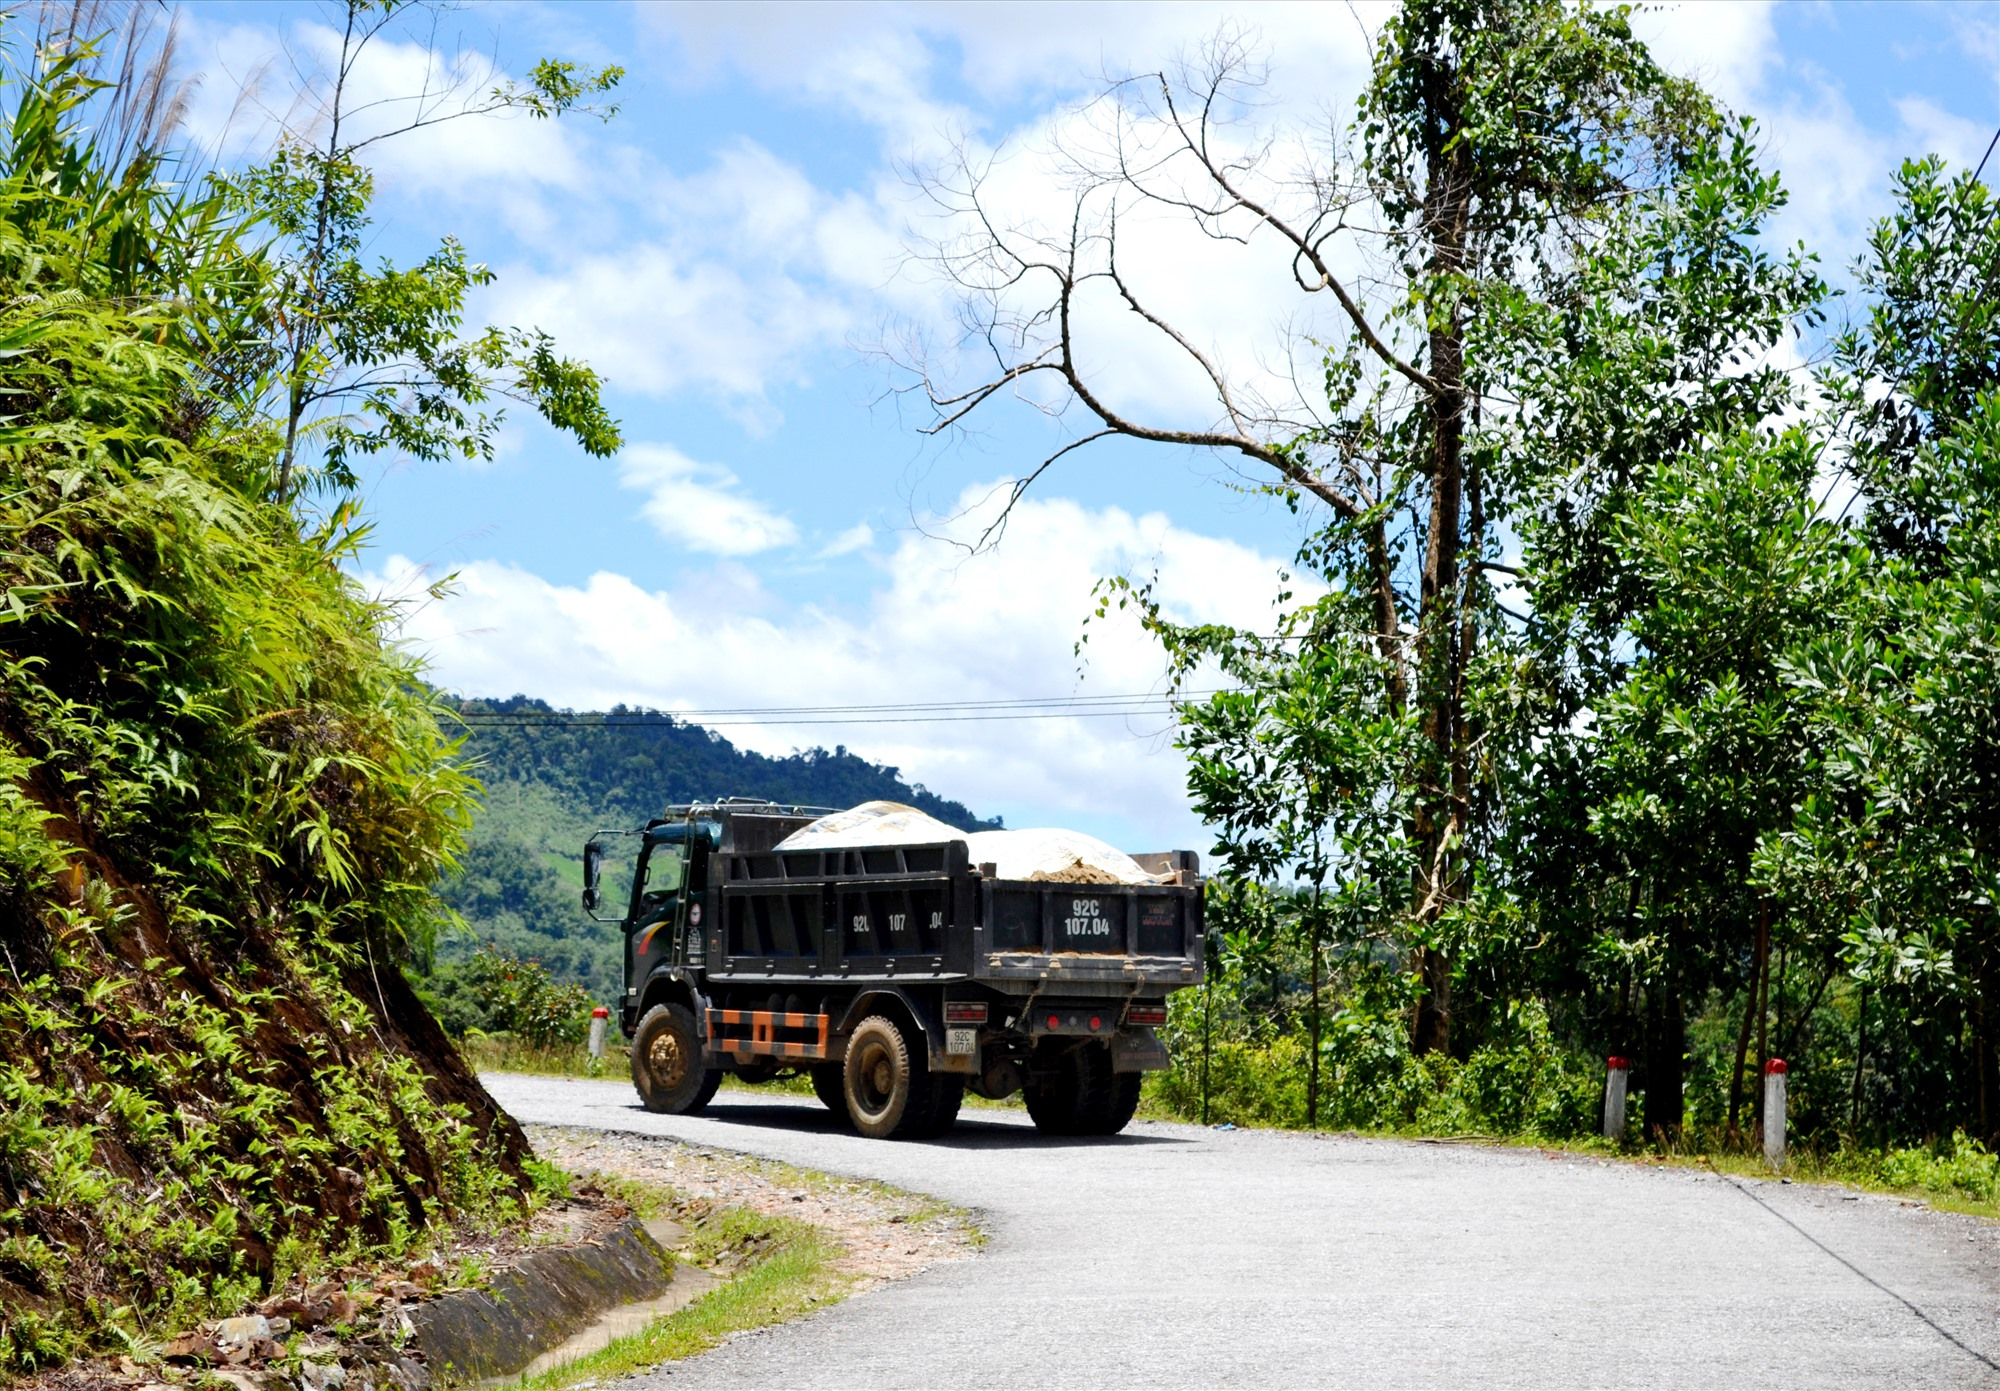 Quốc lộ 40B qua địa bàn Nam Trà My tồn tại nhiều đoạn dốc, cong cua rất nguy hiểm. ẢNH: C.T